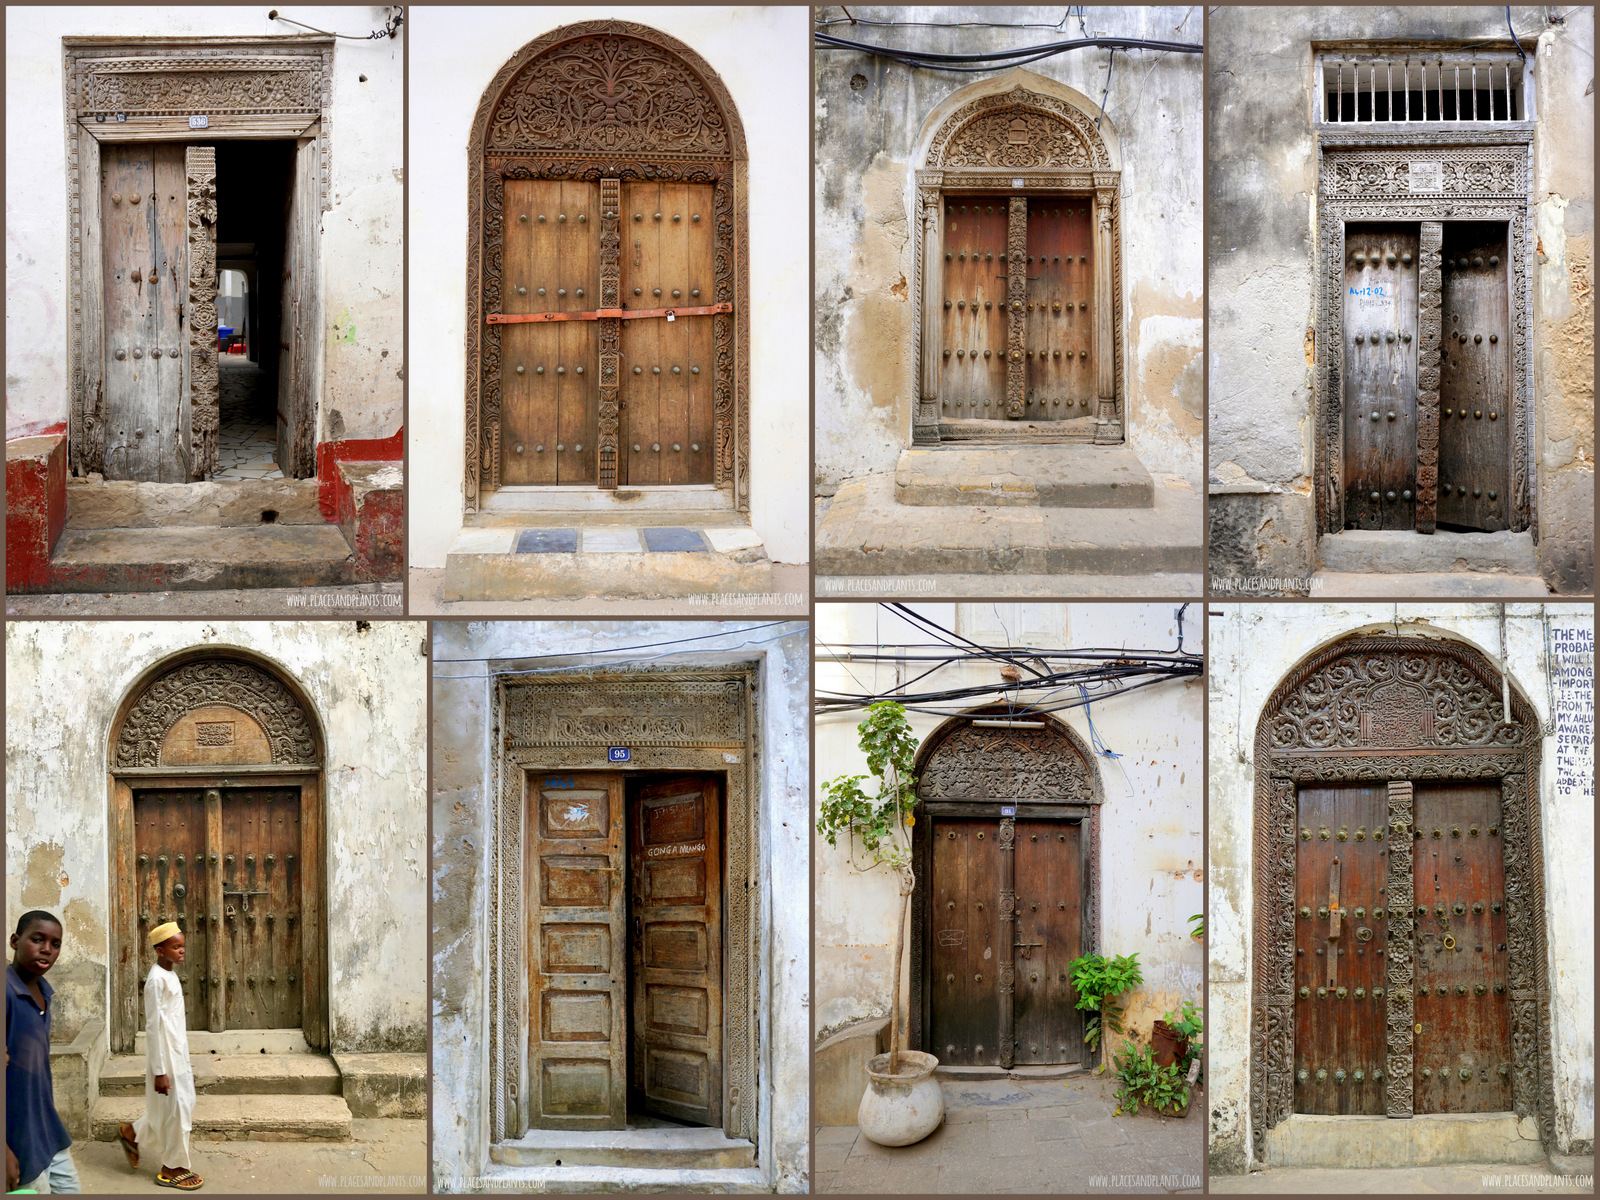 ZANZIBAR STONE TOWN drzwi